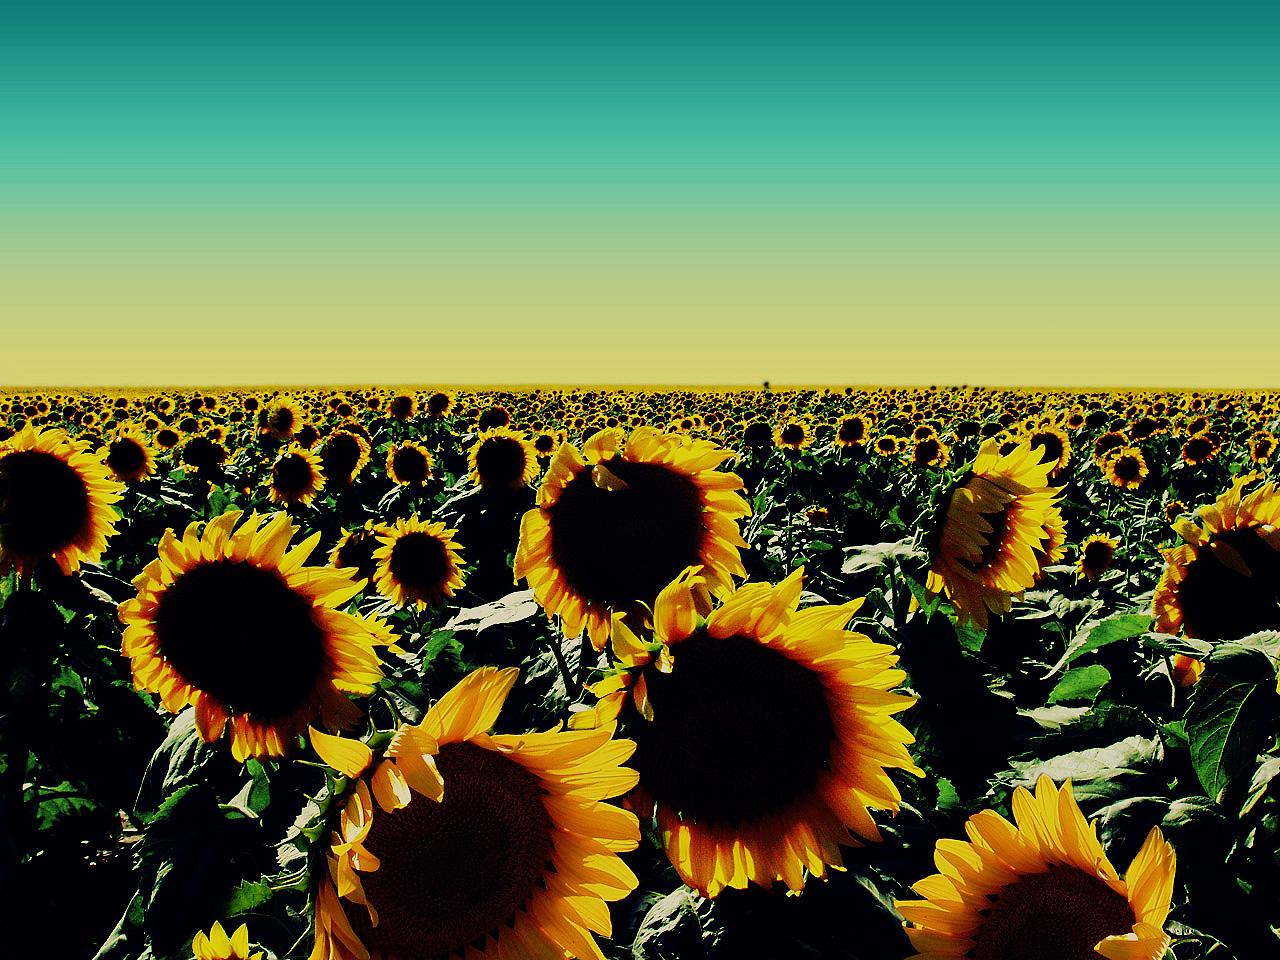 http://4.bp.blogspot.com/-66u89WJedrE/Tg3q6VDyrTI/AAAAAAAAANg/WLLcgU3SSmc/s1600/Sunflower_Wallpaper_by_kpy5330.jpg